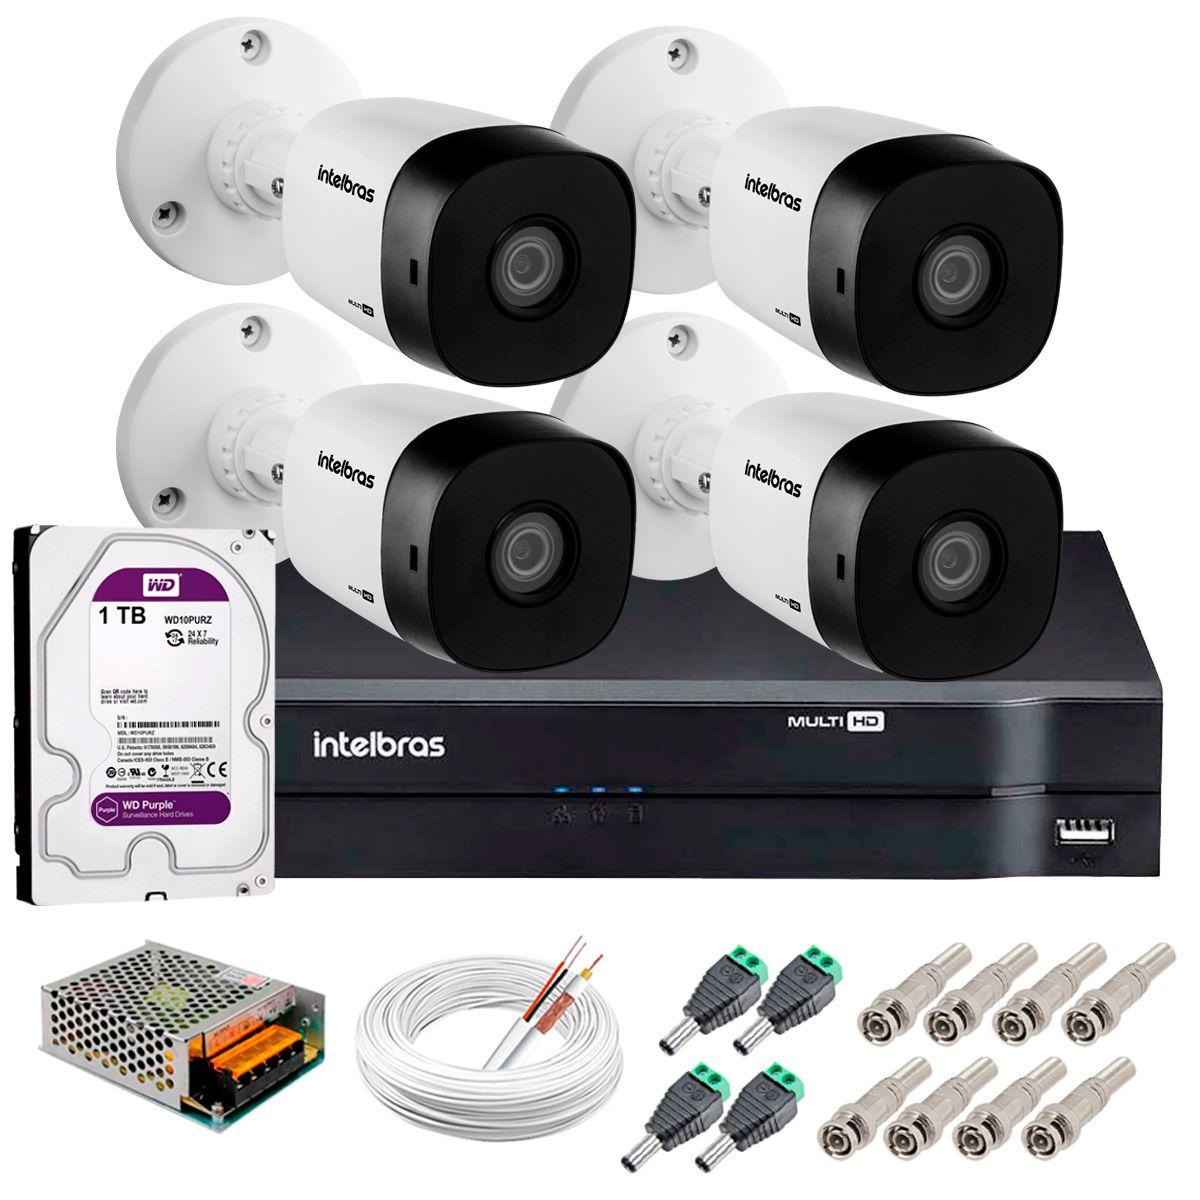 Kit 4 Câmeras VHD 3130 B G5 + DVR Intelbras + HD 1TB para Armazenamento +  App Grátis de Monitoramento, Câmeras HD 720p 30m Infravermelho de Visão Noturna Intelbras + Fonte, Cabos e Acessórios  - Tudo Forte